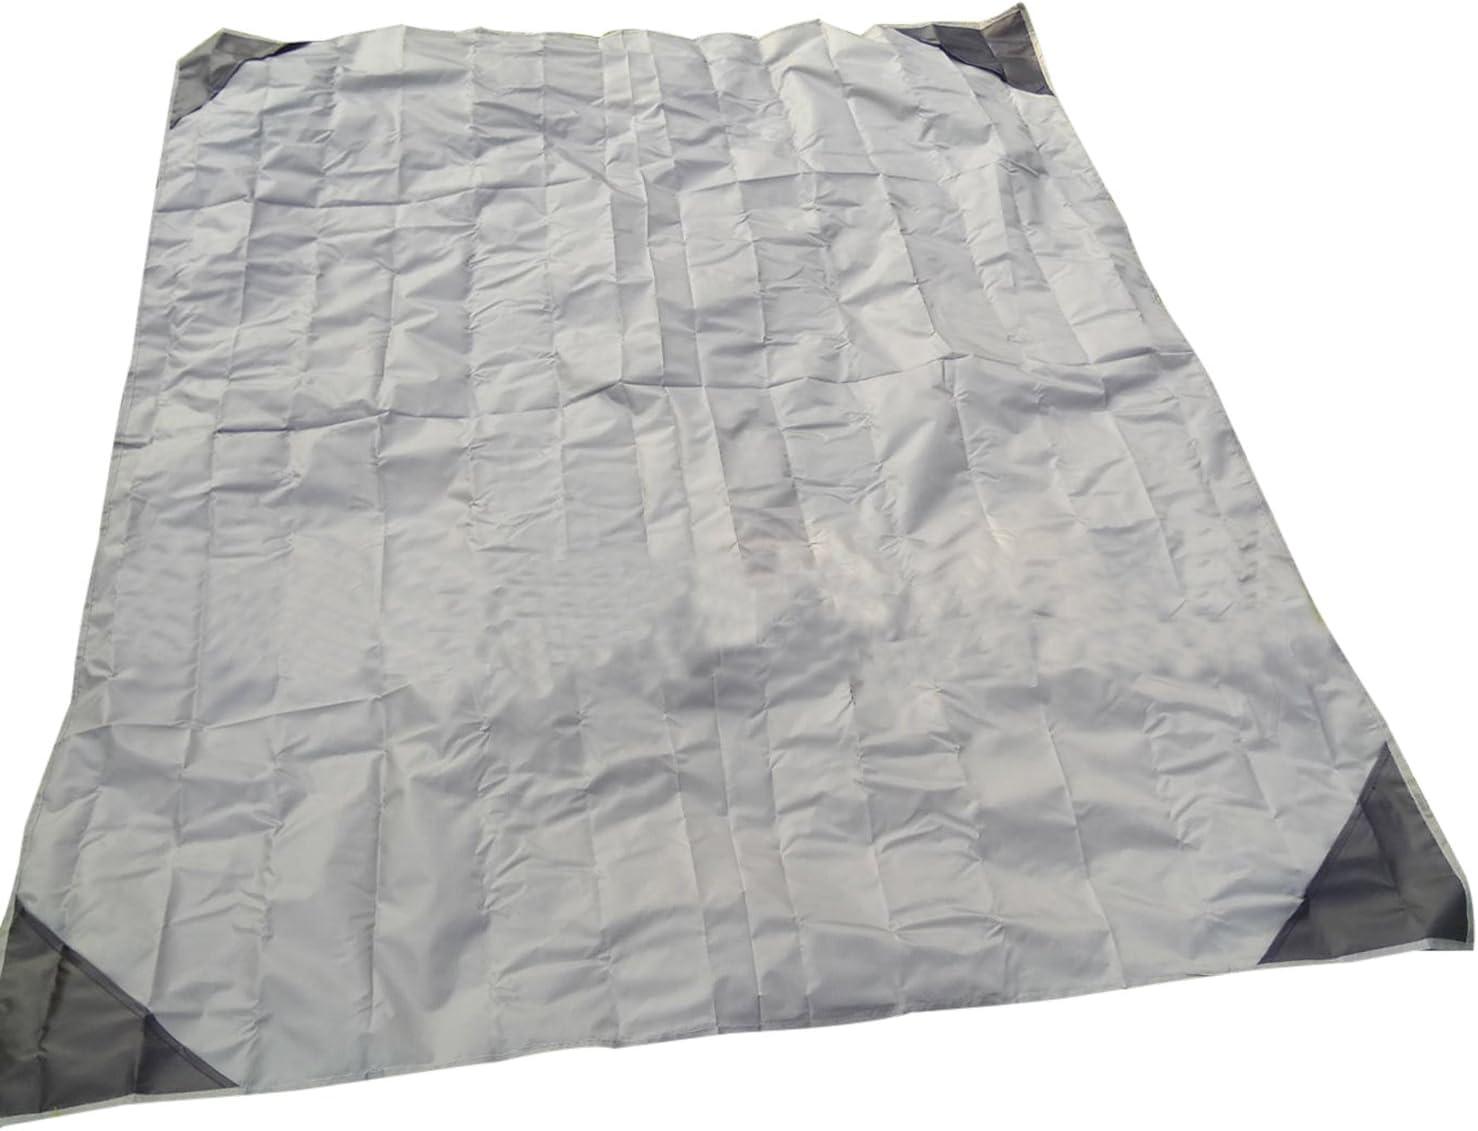 HomeMiYN 55.1 x 59.8 Pouces Pique-Nique Couverture Nylon Imperm/éable Tampon Jardin De Plein air Randonn/ée Plage Couverture Tapis R/ésistant au Sable Support 14 Couleurs Tapis de Tapis